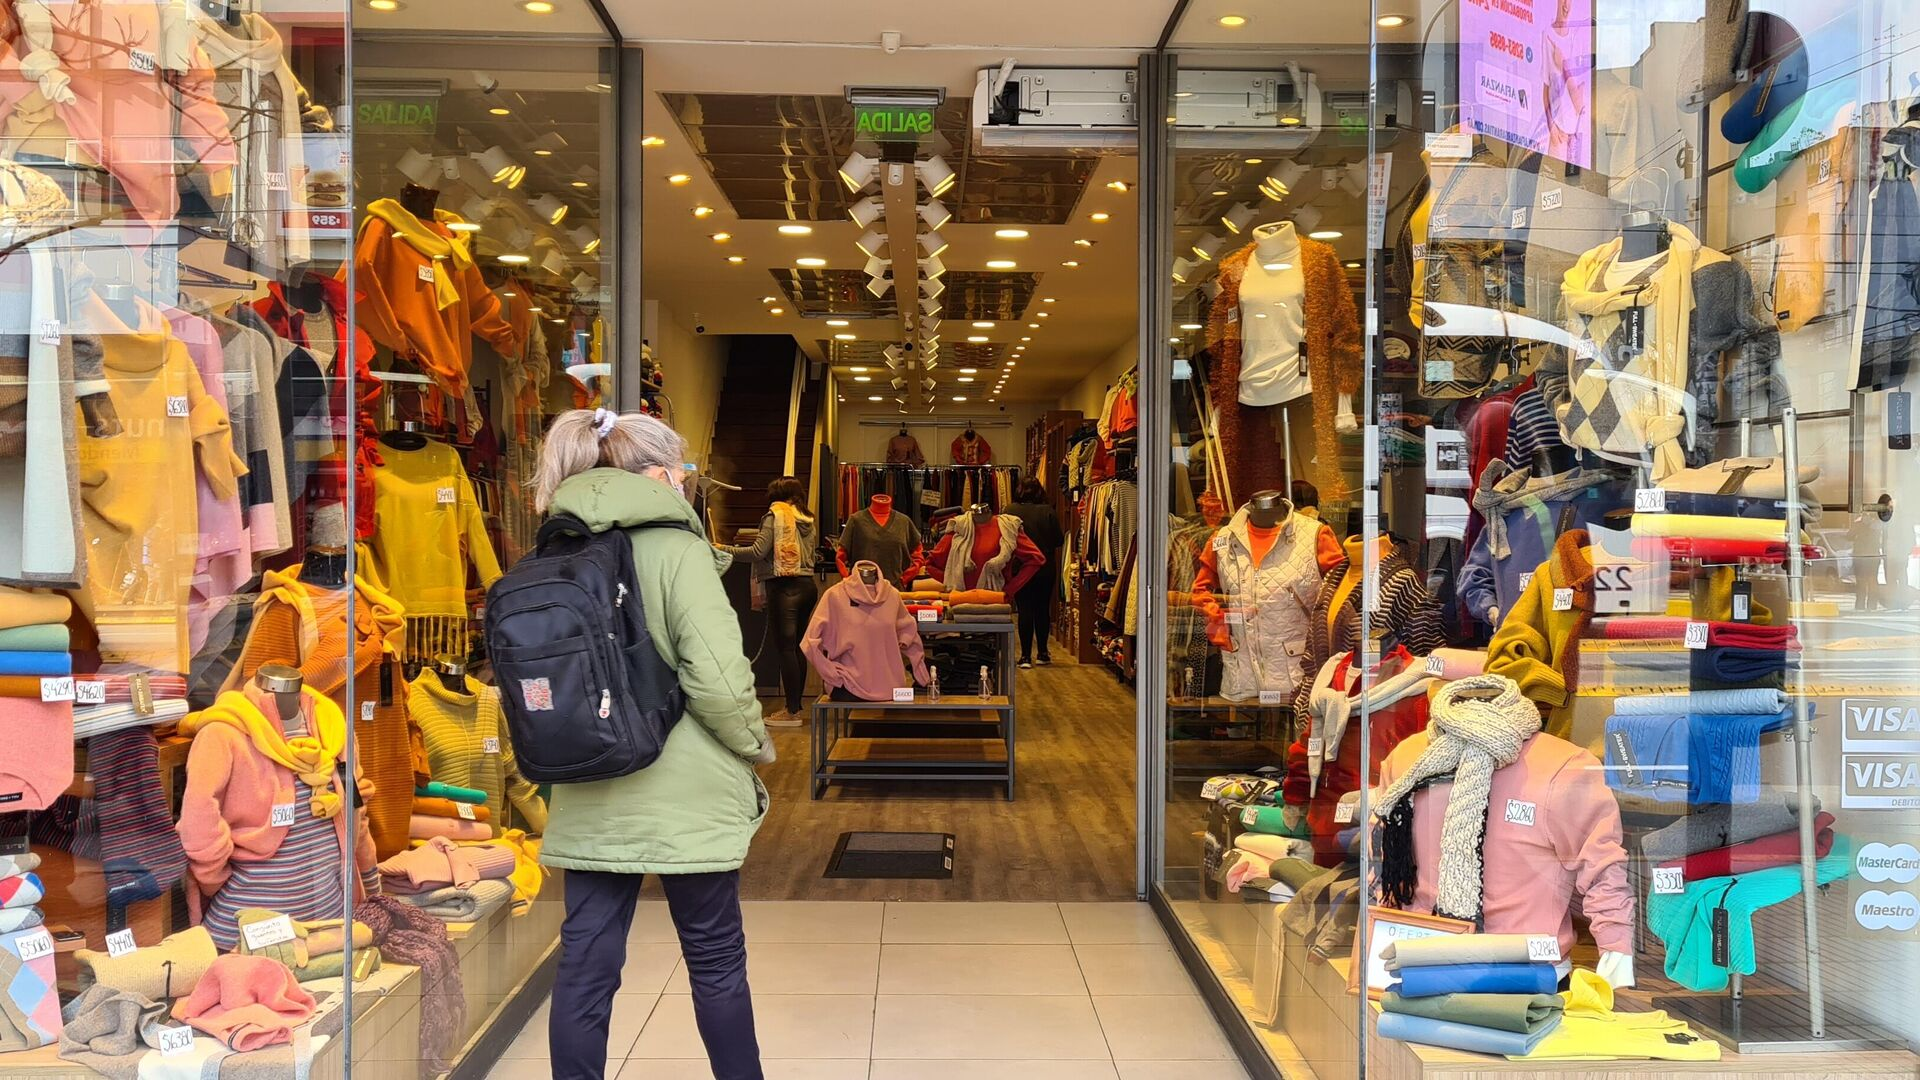 Una mujer viendo ropa en una tienda - Sputnik Mundo, 1920, 16.06.2021